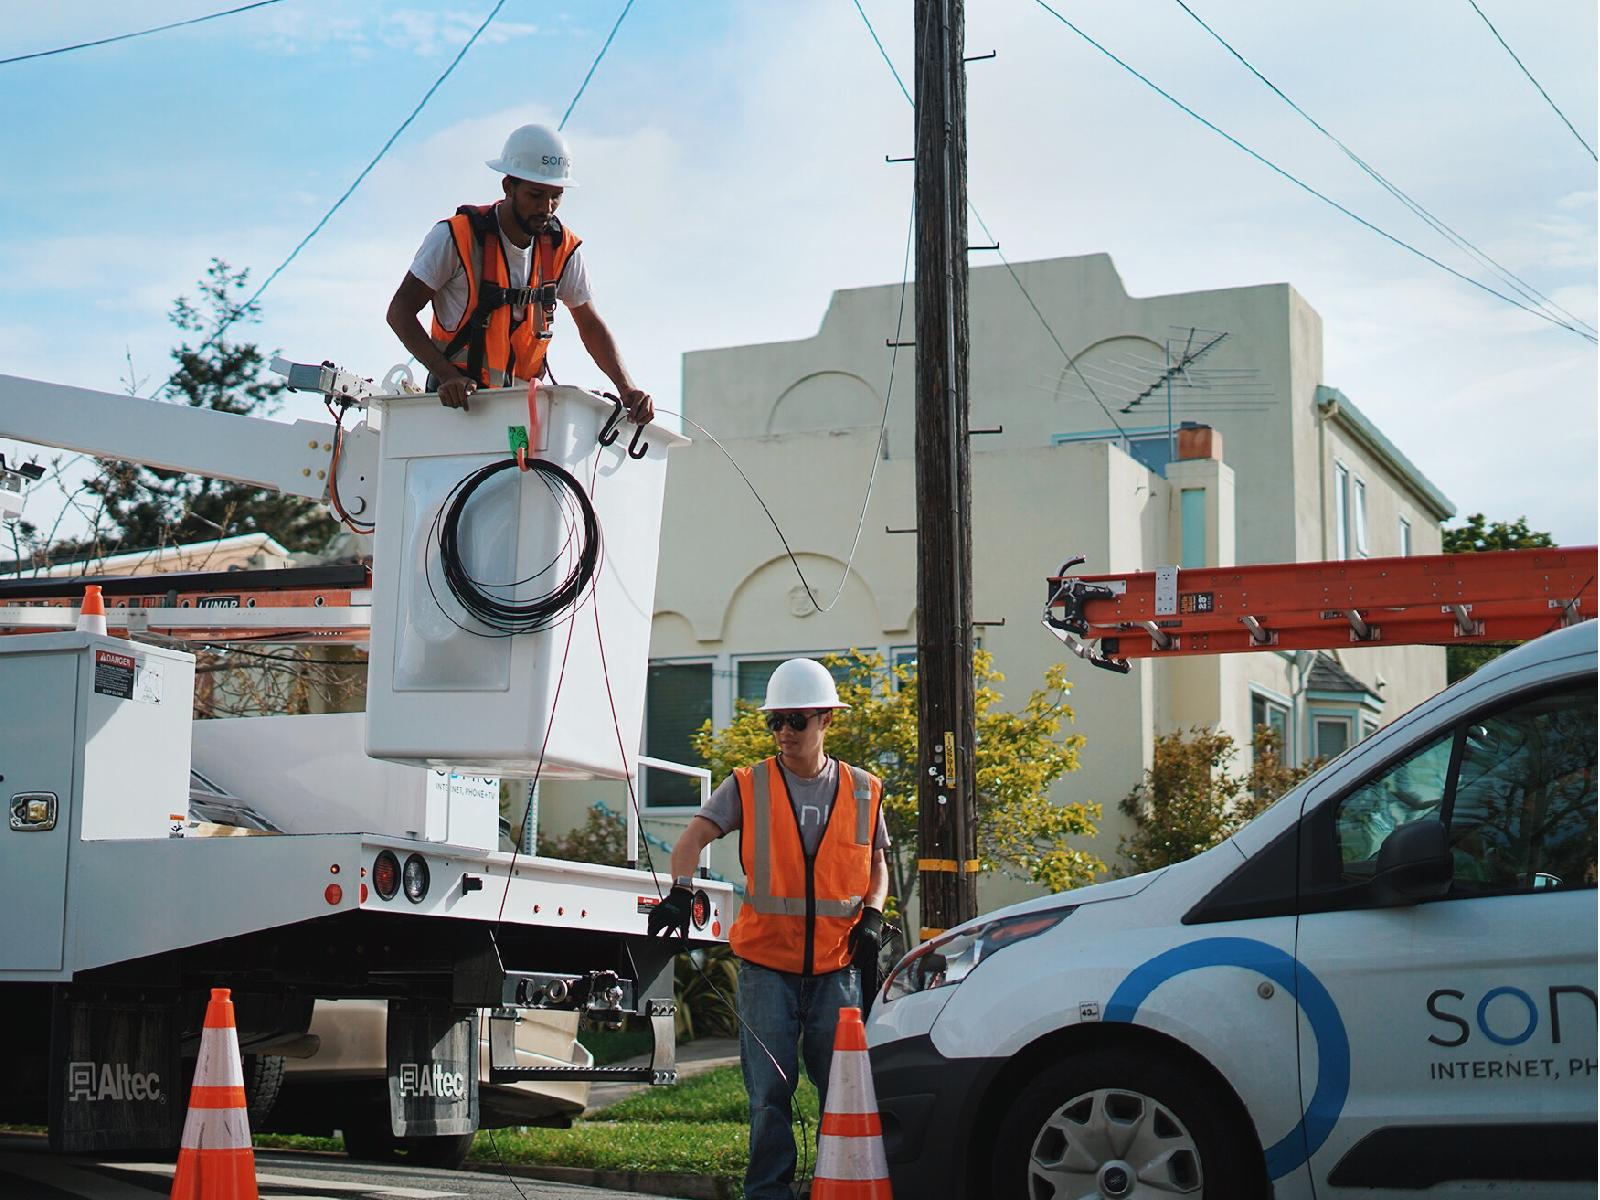 Sonic, eero Bring Internet Service Upgrades to Bay Area